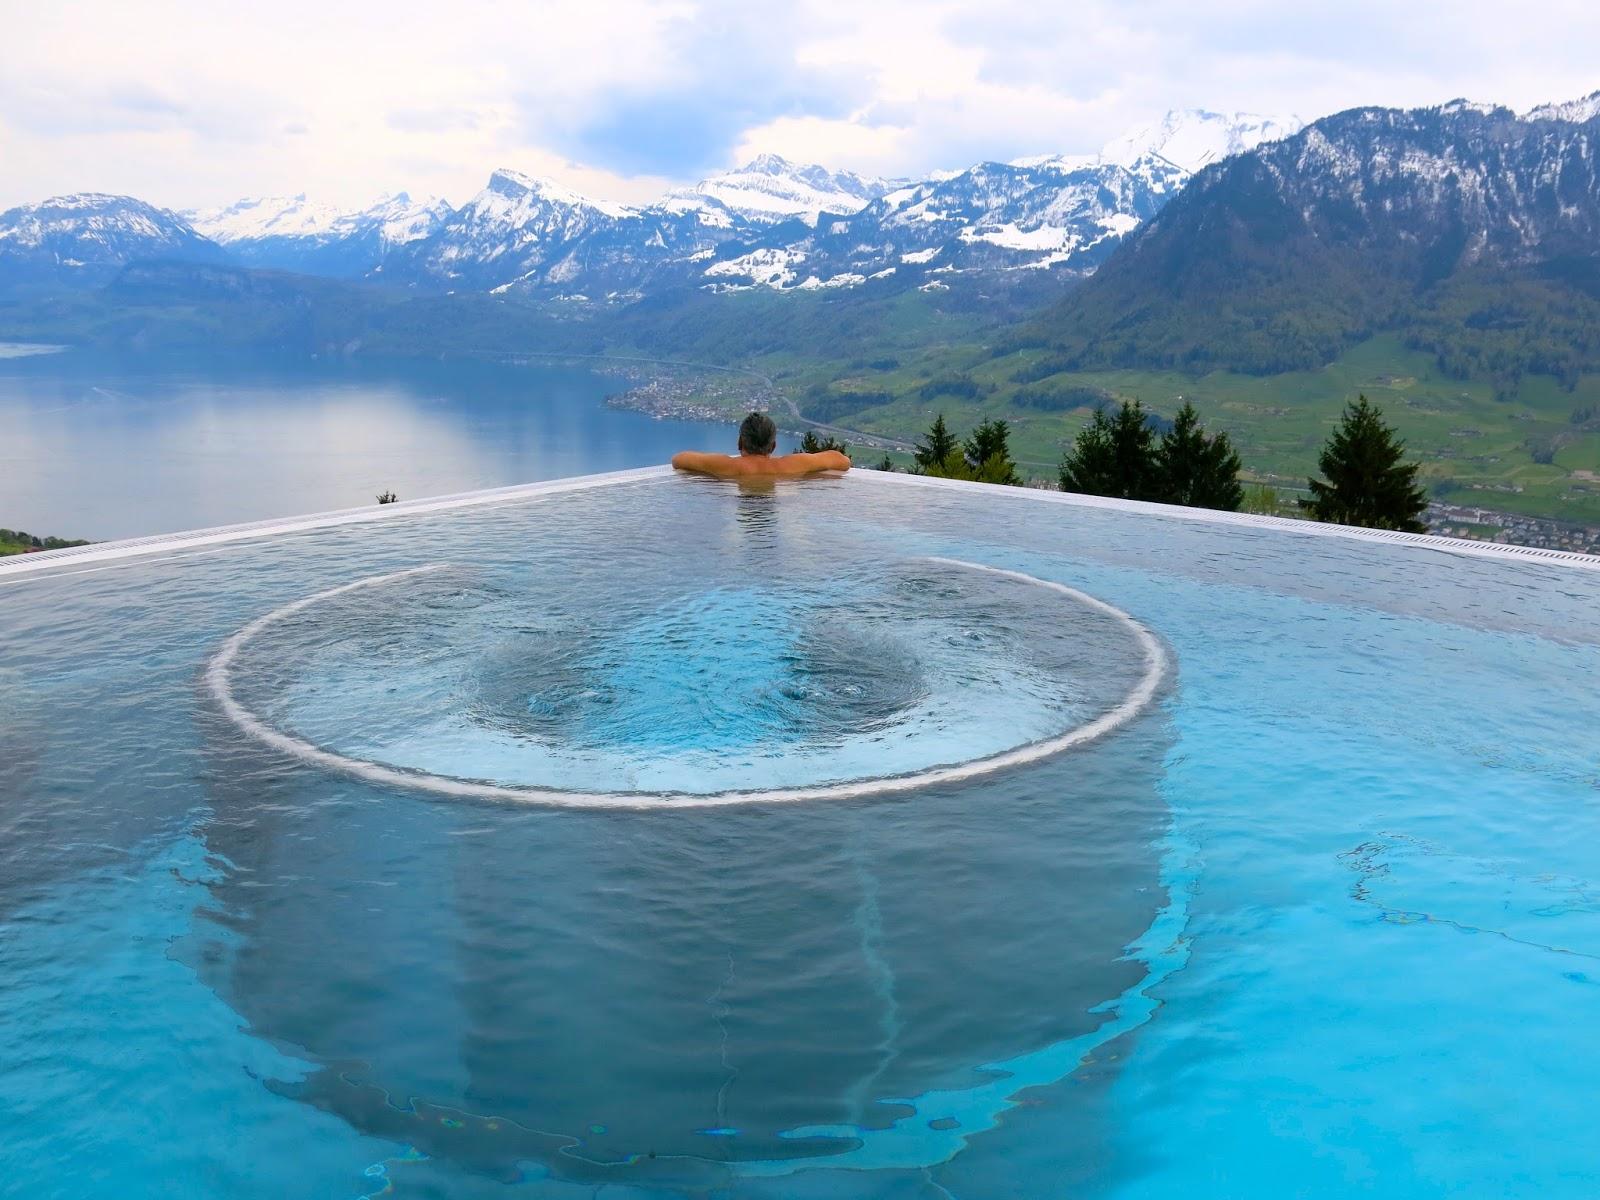 Hotel Villa Honegg se rapportant à villa honegg, um sonho de hotel | viajar pelo mundo!